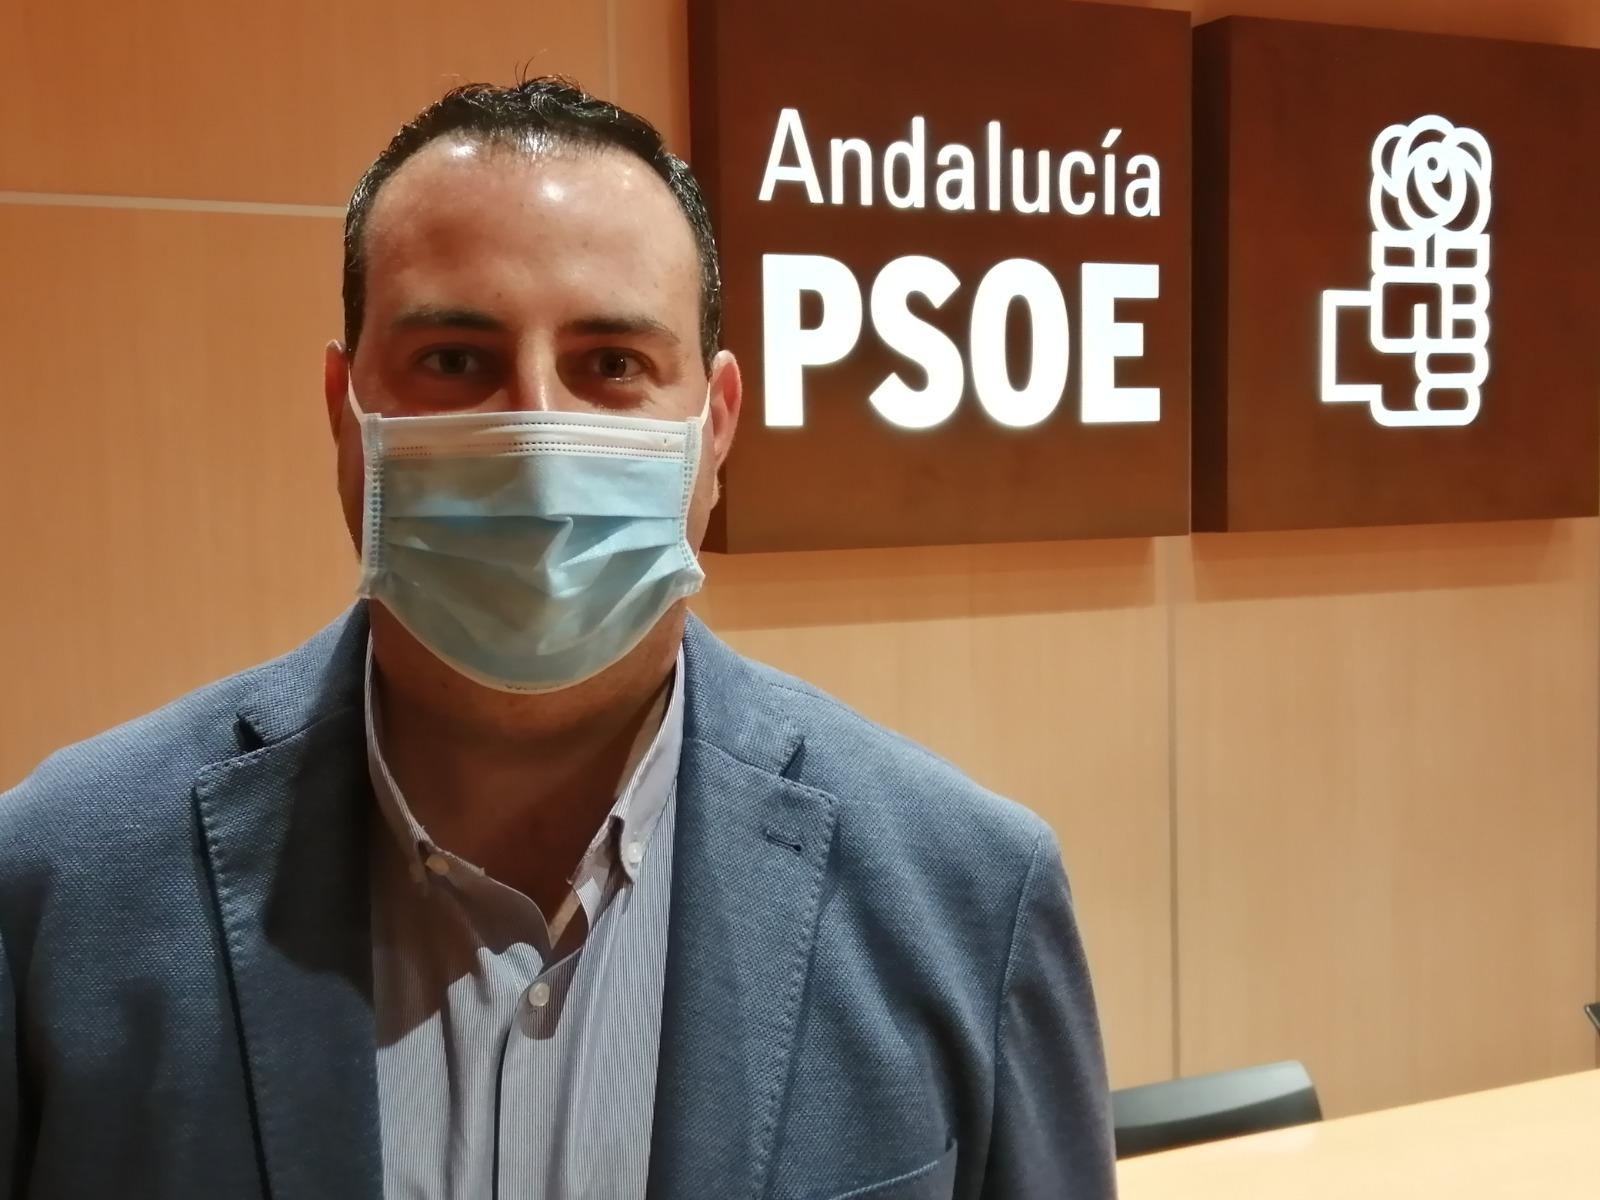 El PSOE pide a Luis Salvador que deje gobernar al partido más votado